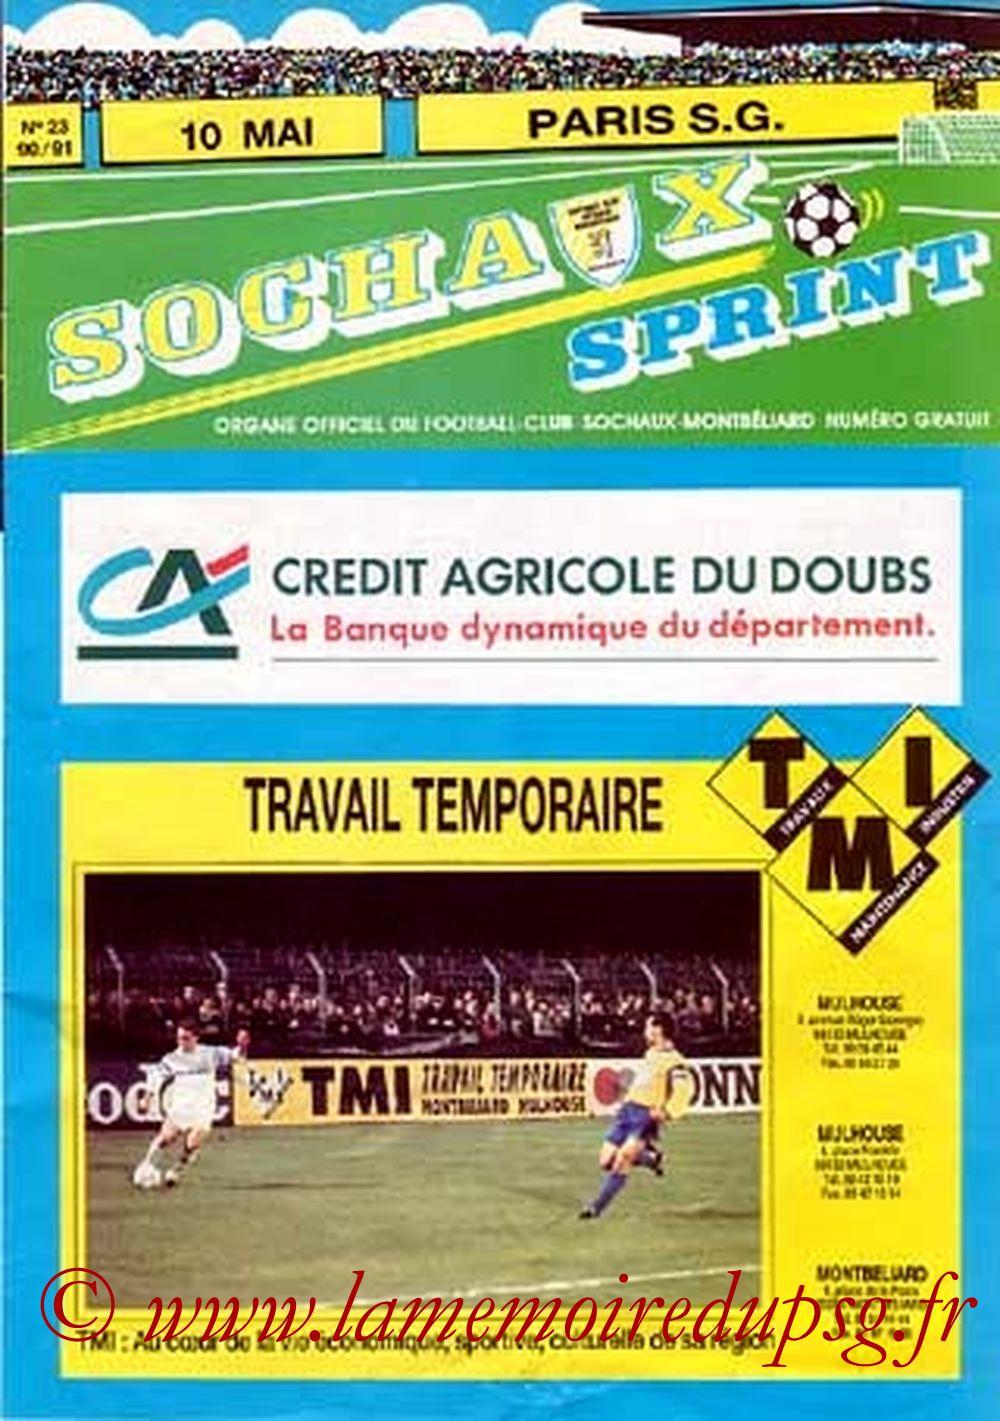 1991-05-10  Sochaux-PSG (36ème D1, Sochaux Sprint N°23, Collection JNT)